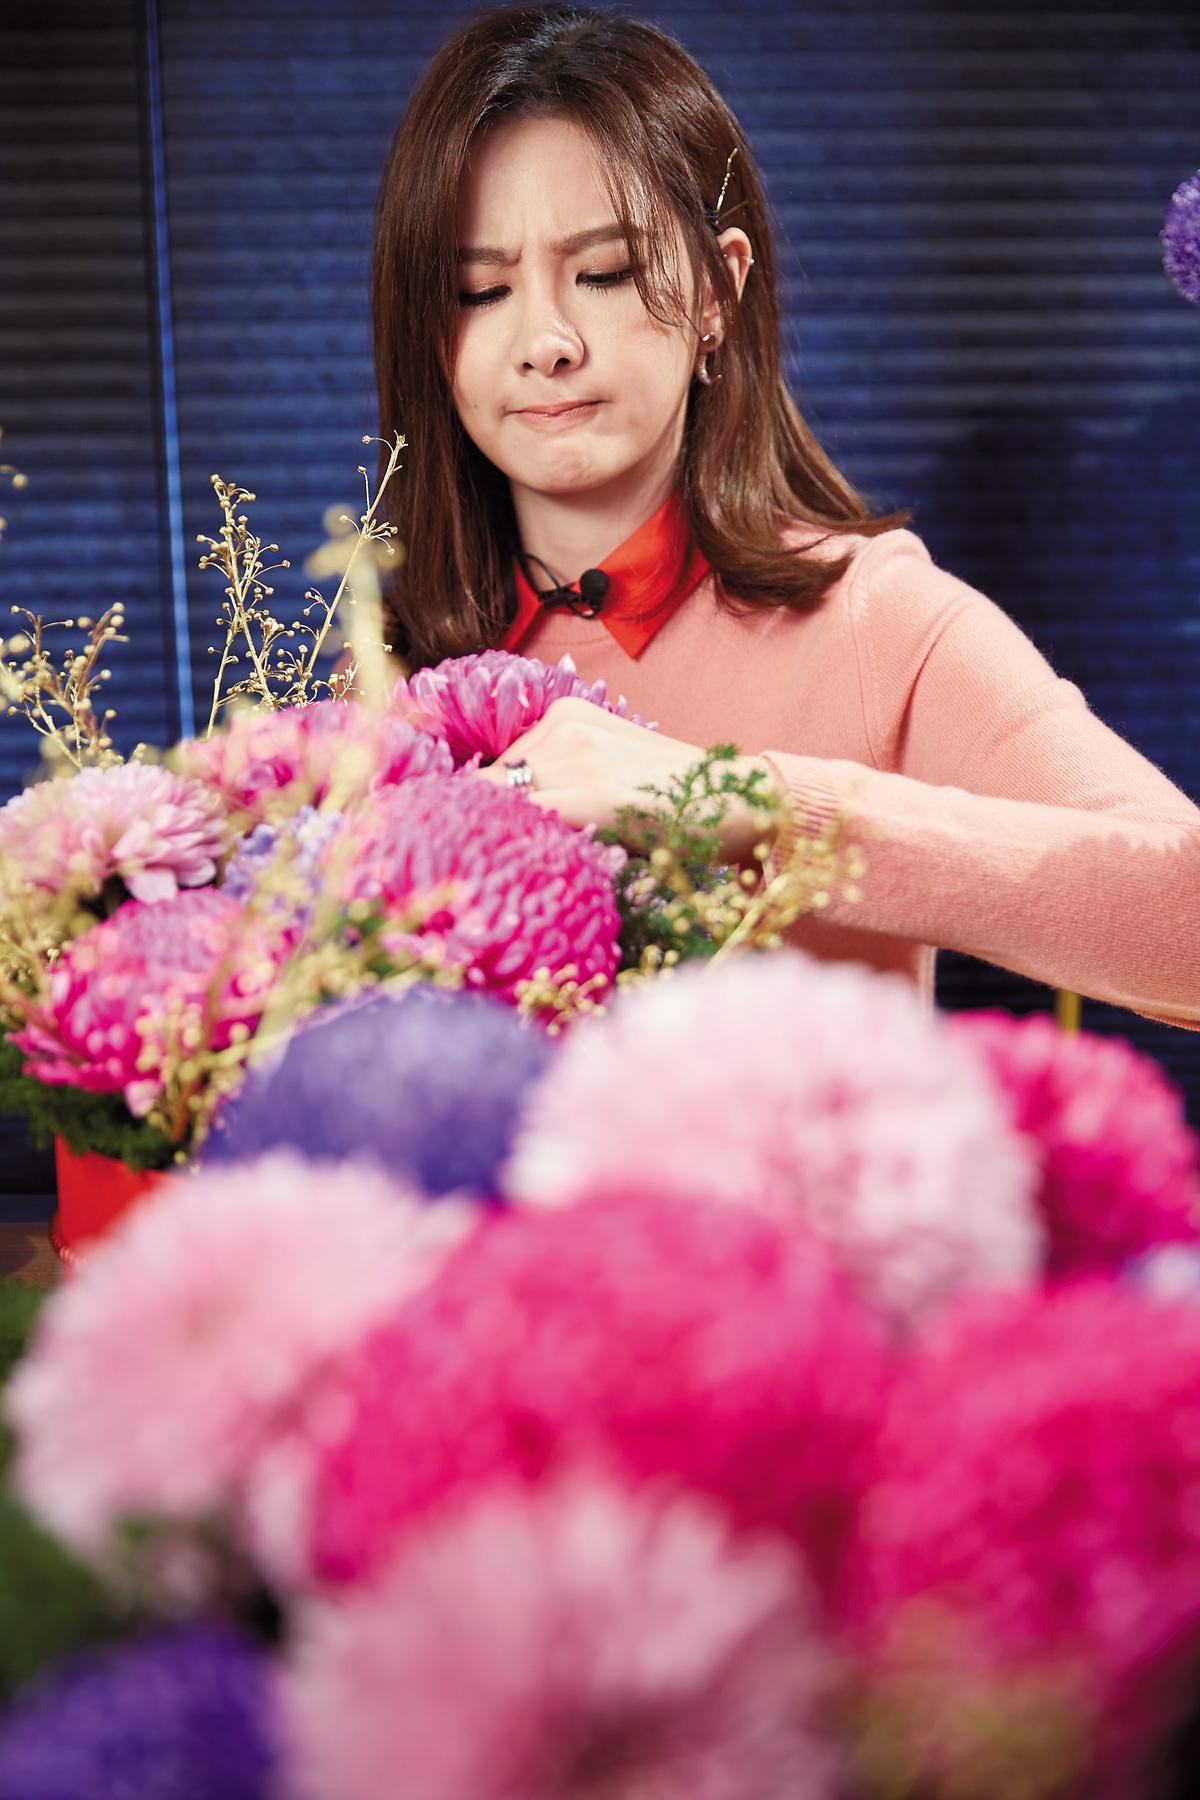 安心亞自認有插花天分,在老師教導下,使盡全力將花插進花盆。